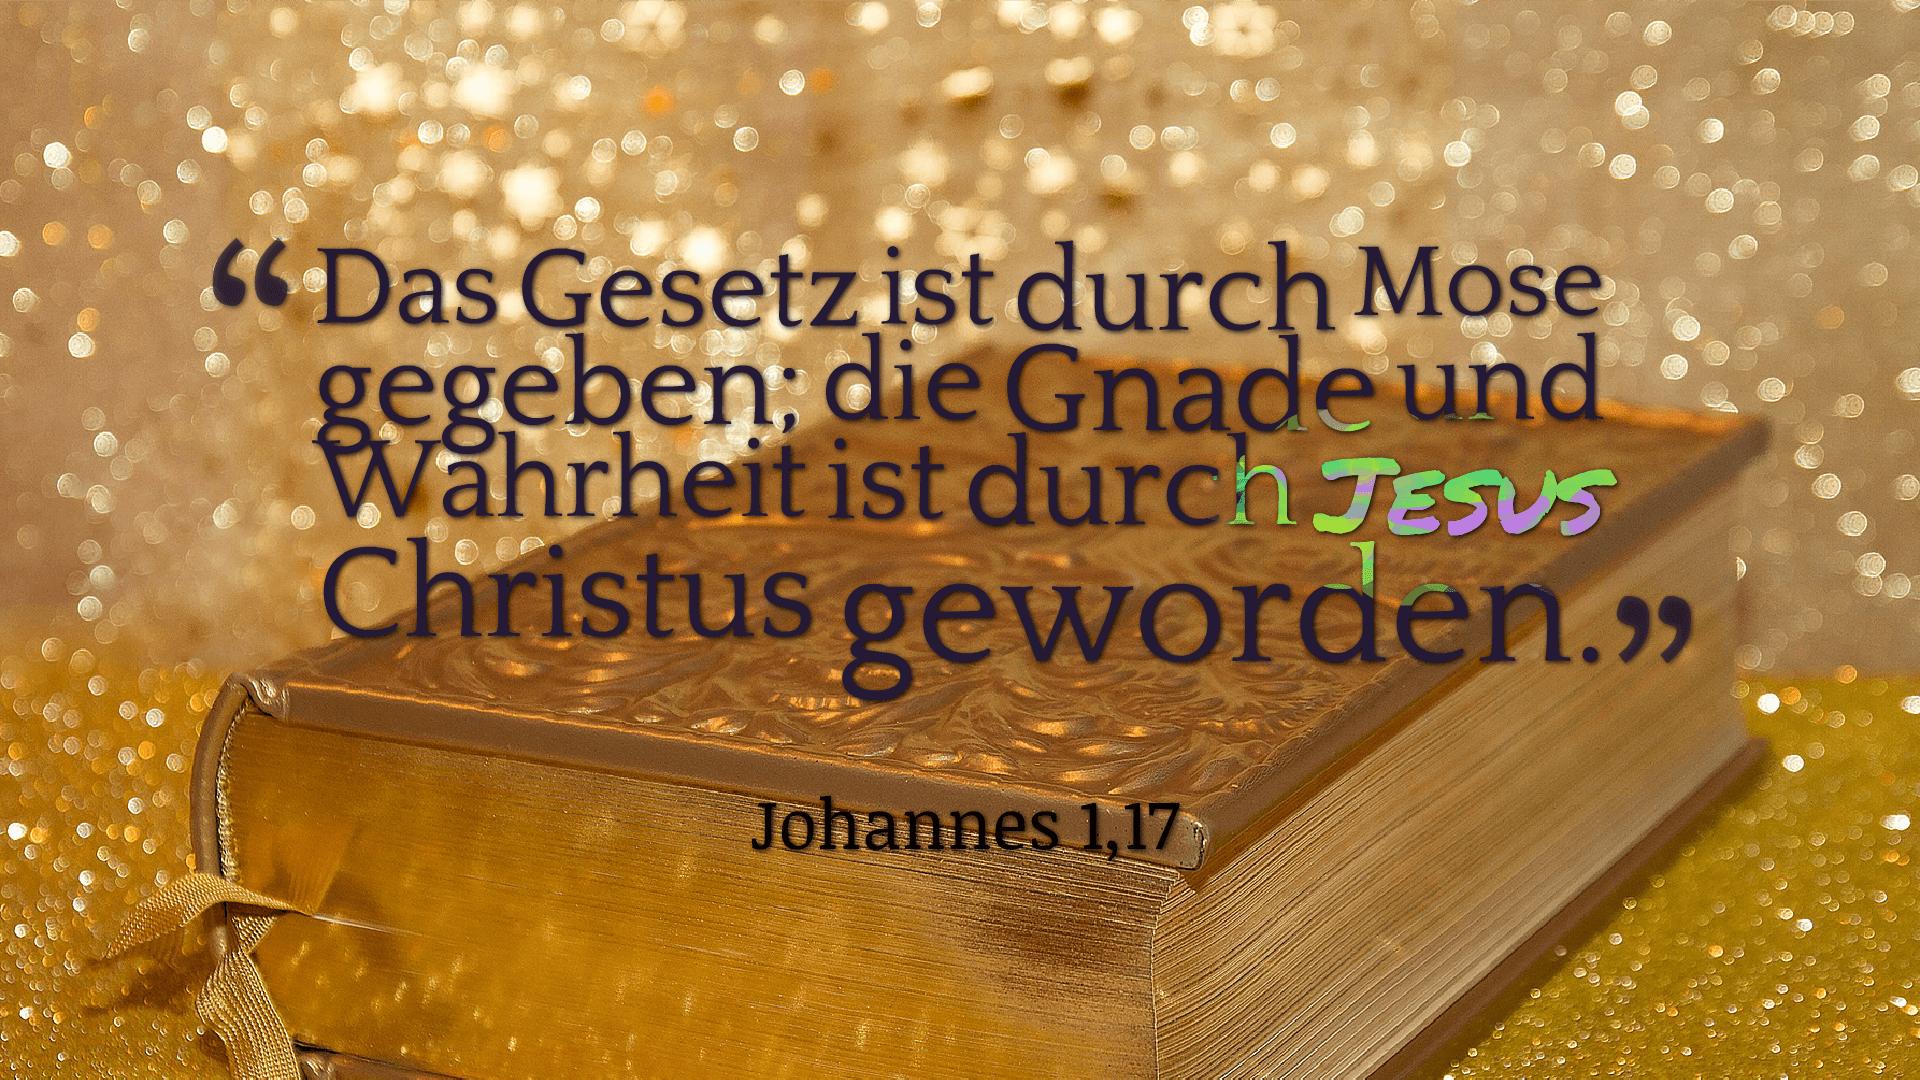 Das Gesetz ist durch Mose gegeben; die Gnade und Wahrheit ist durch Jesus Christus geworden. - Johannes 1,17